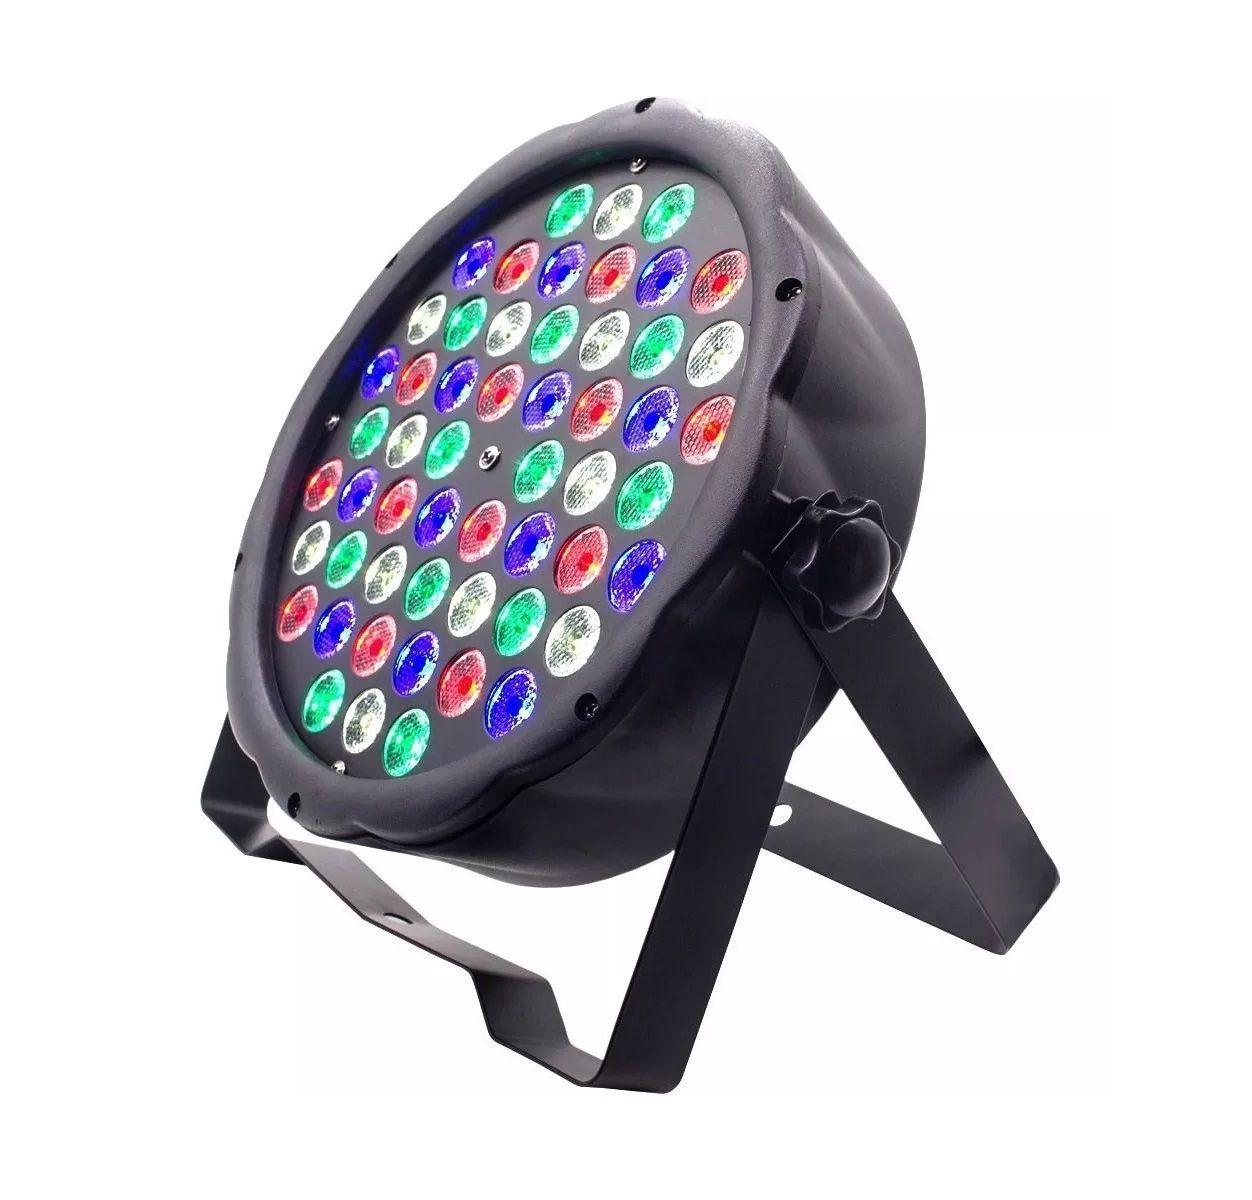 Kit 3 Canhão de Luz Led Par 64 RBGW 54 Leds 3w Strobo Dmx Digital